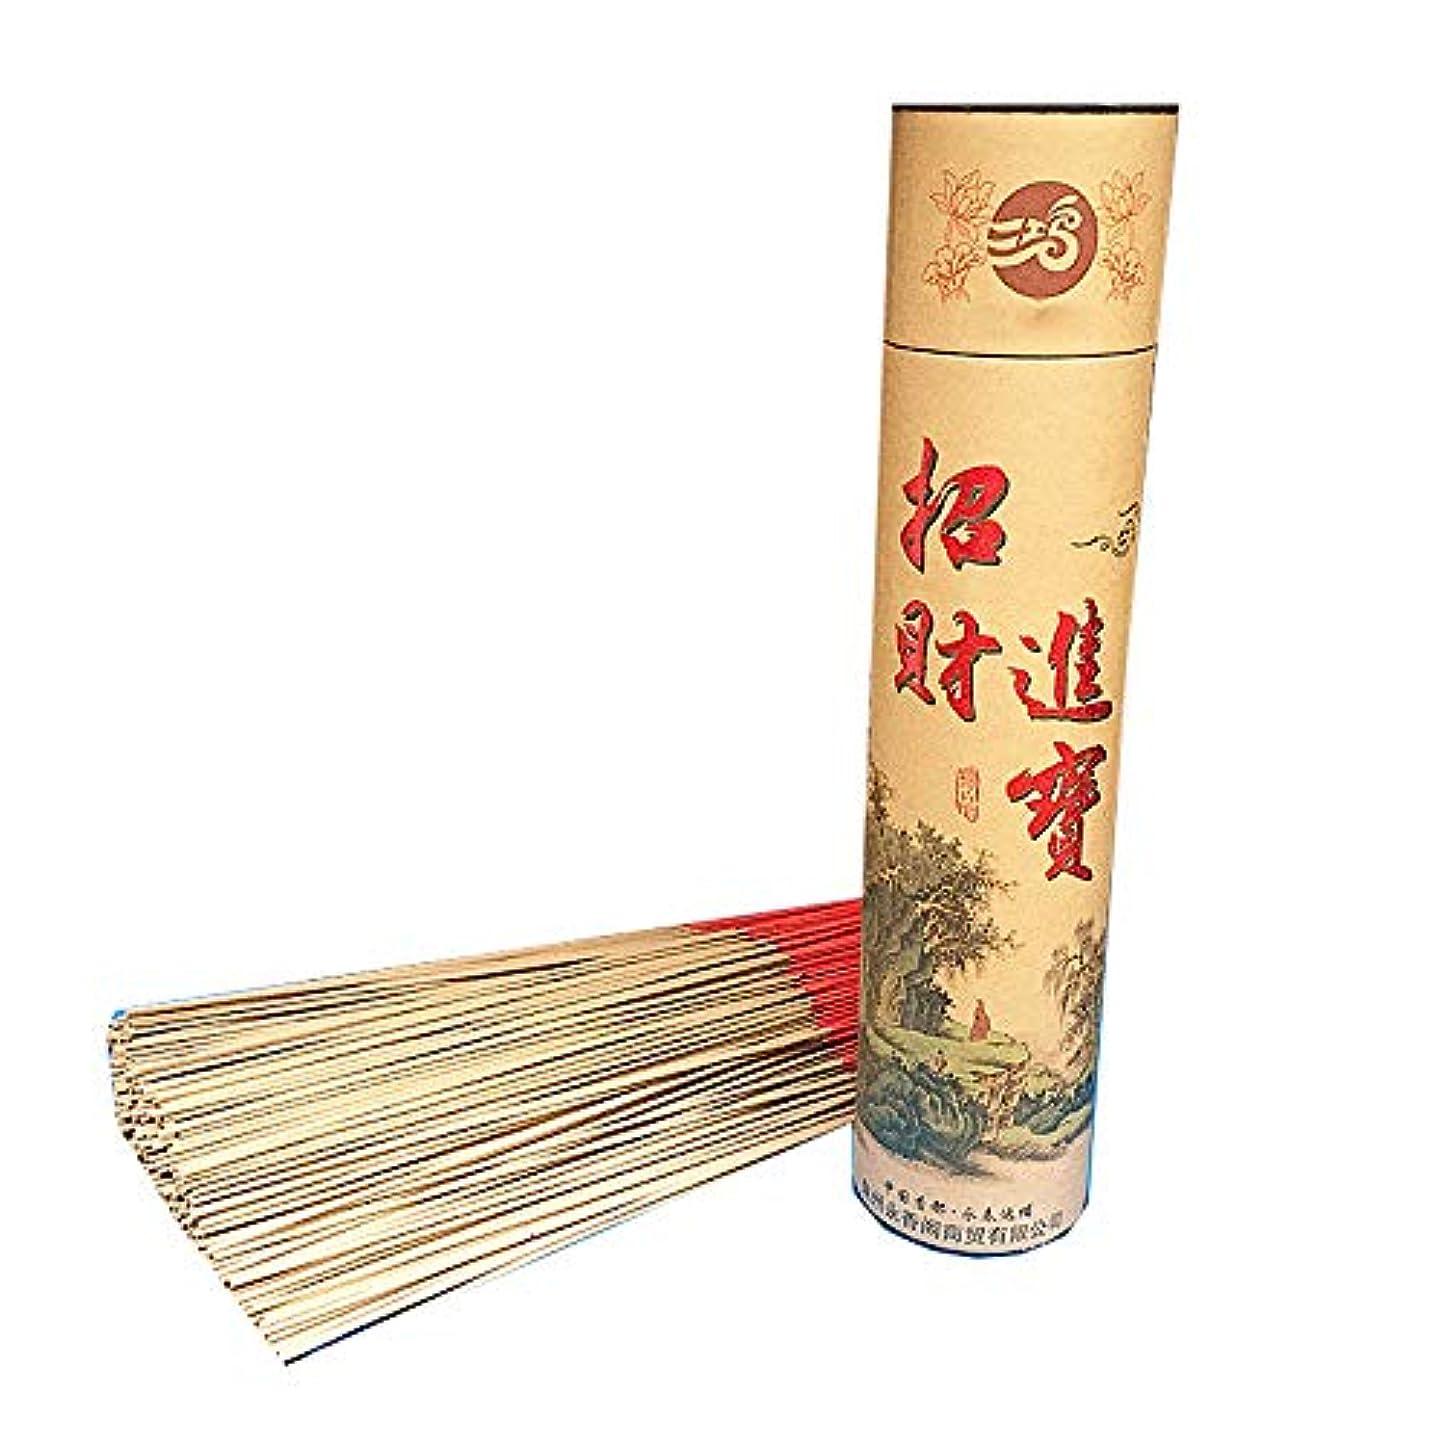 悪意安心させるハンドブックZeeStar チャイニーズジョススティック 無香 香料 香りなし 香りつき 香りつき ジョススティック 13インチ(480本)